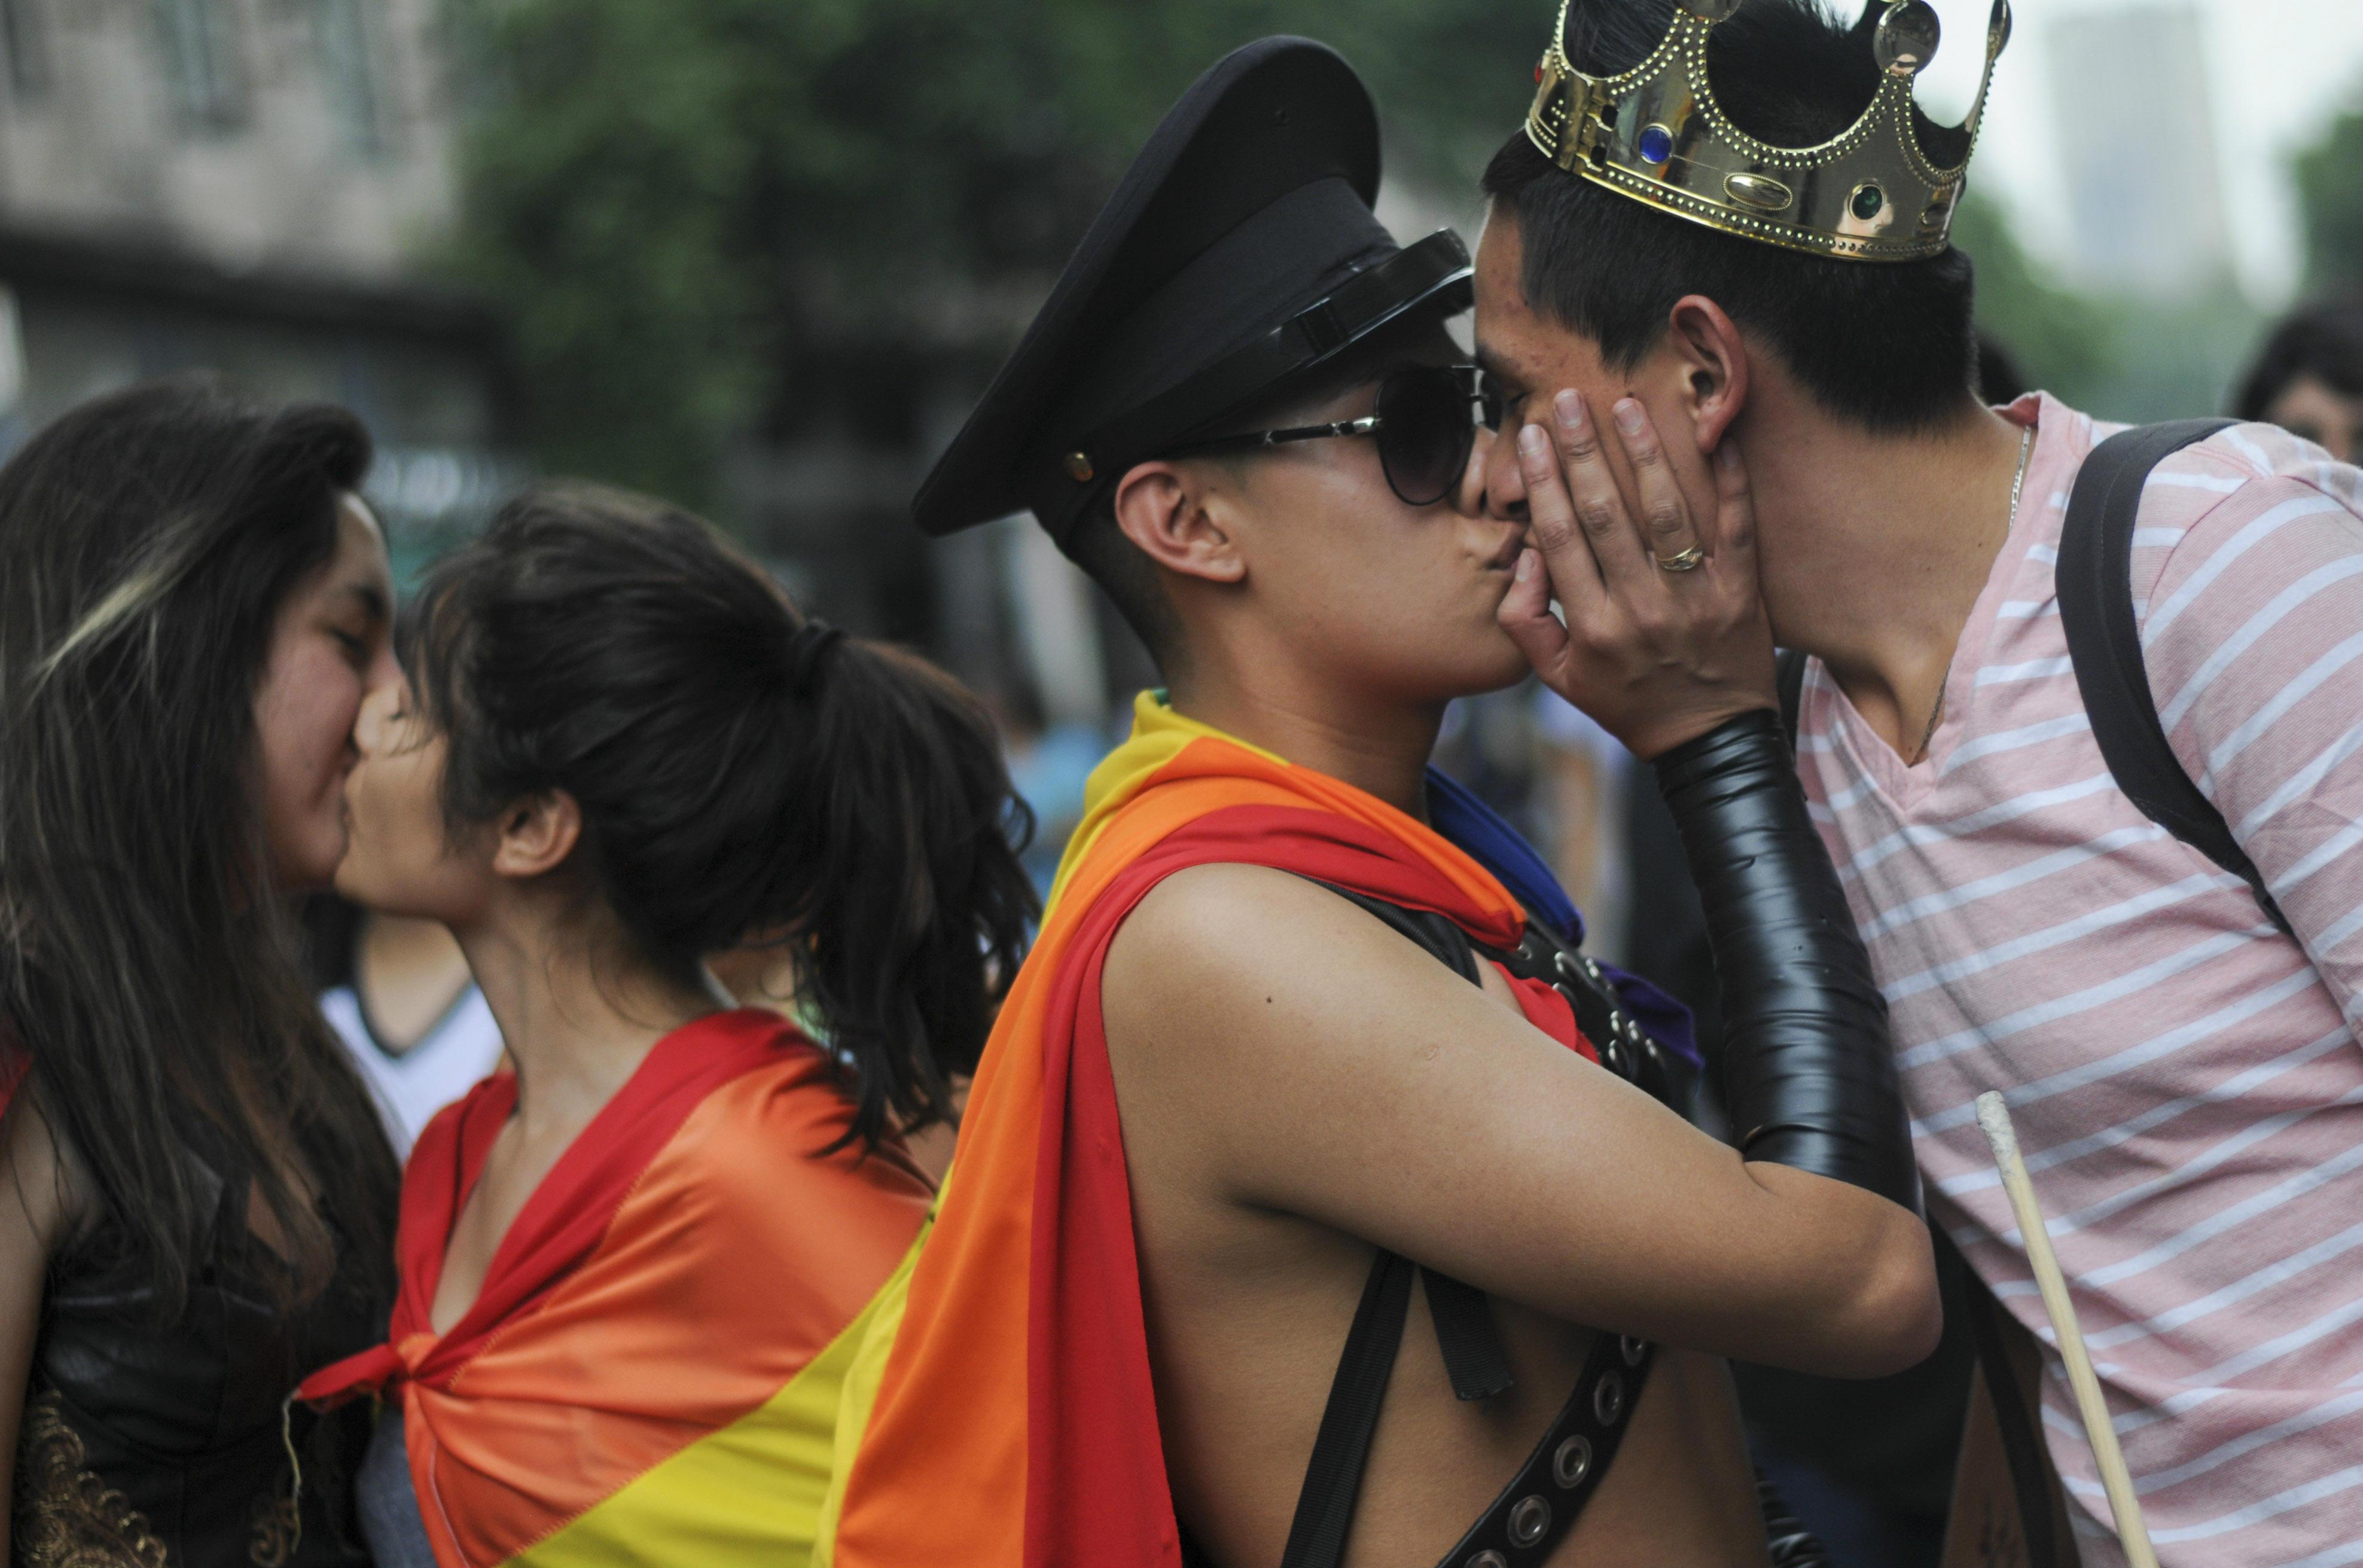 Marcha_LGBT, diego simon sanchez, cuartoscuro, 170518